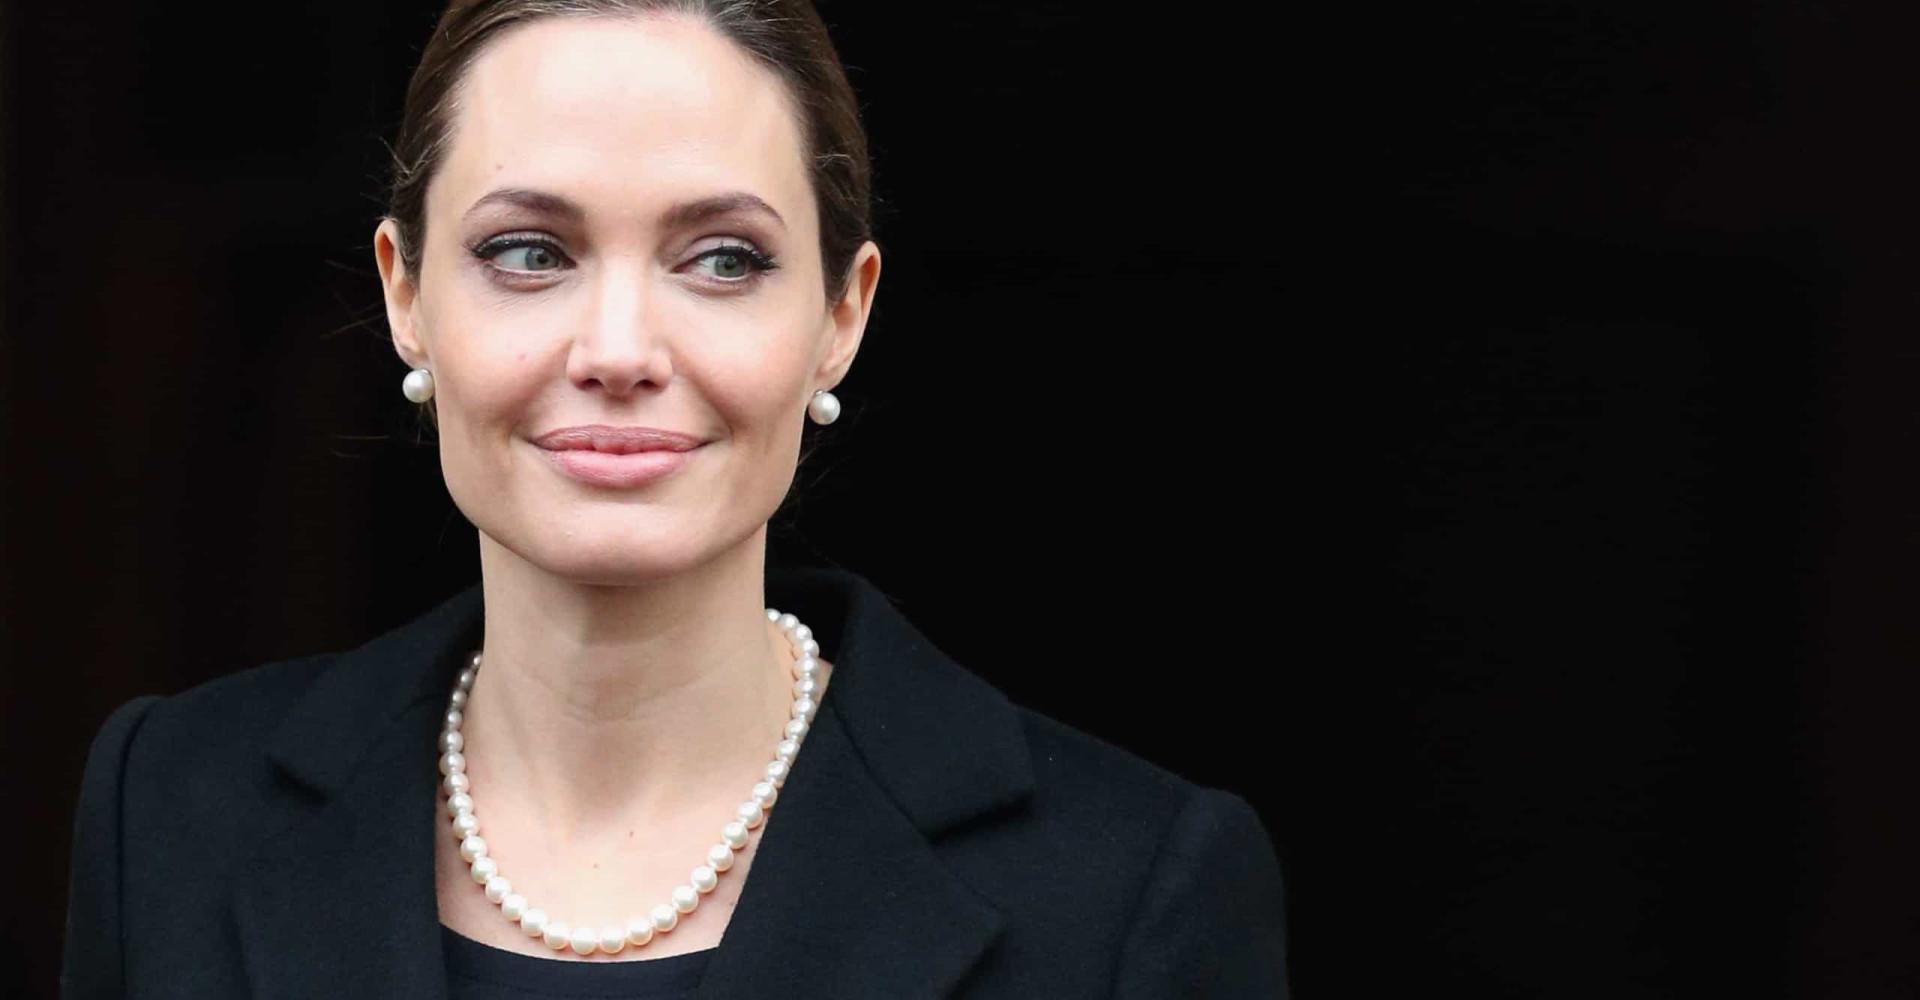 Angelina Jolie 2020?: her political career so far